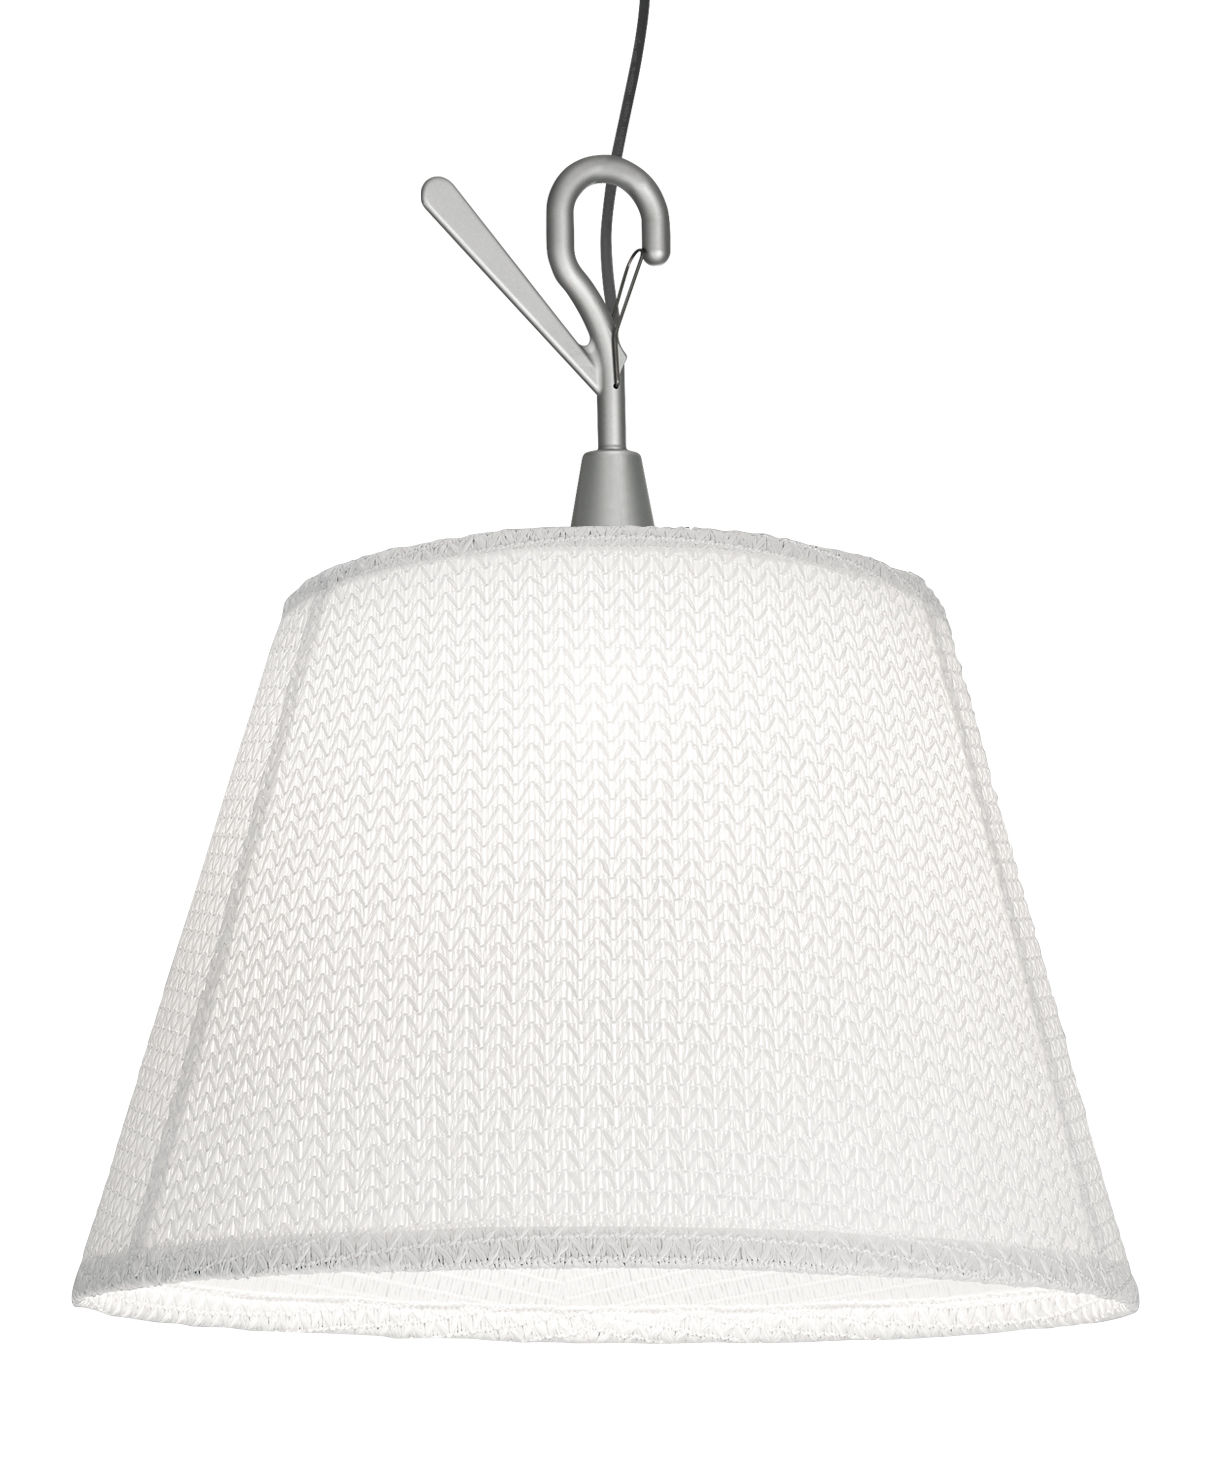 Luminaire - Lampes de table - Baladeuse Tolomeo Paralume LED Outdoor / à suspendre - Artemide - Blanc - Aluminium, Tissu Thuia